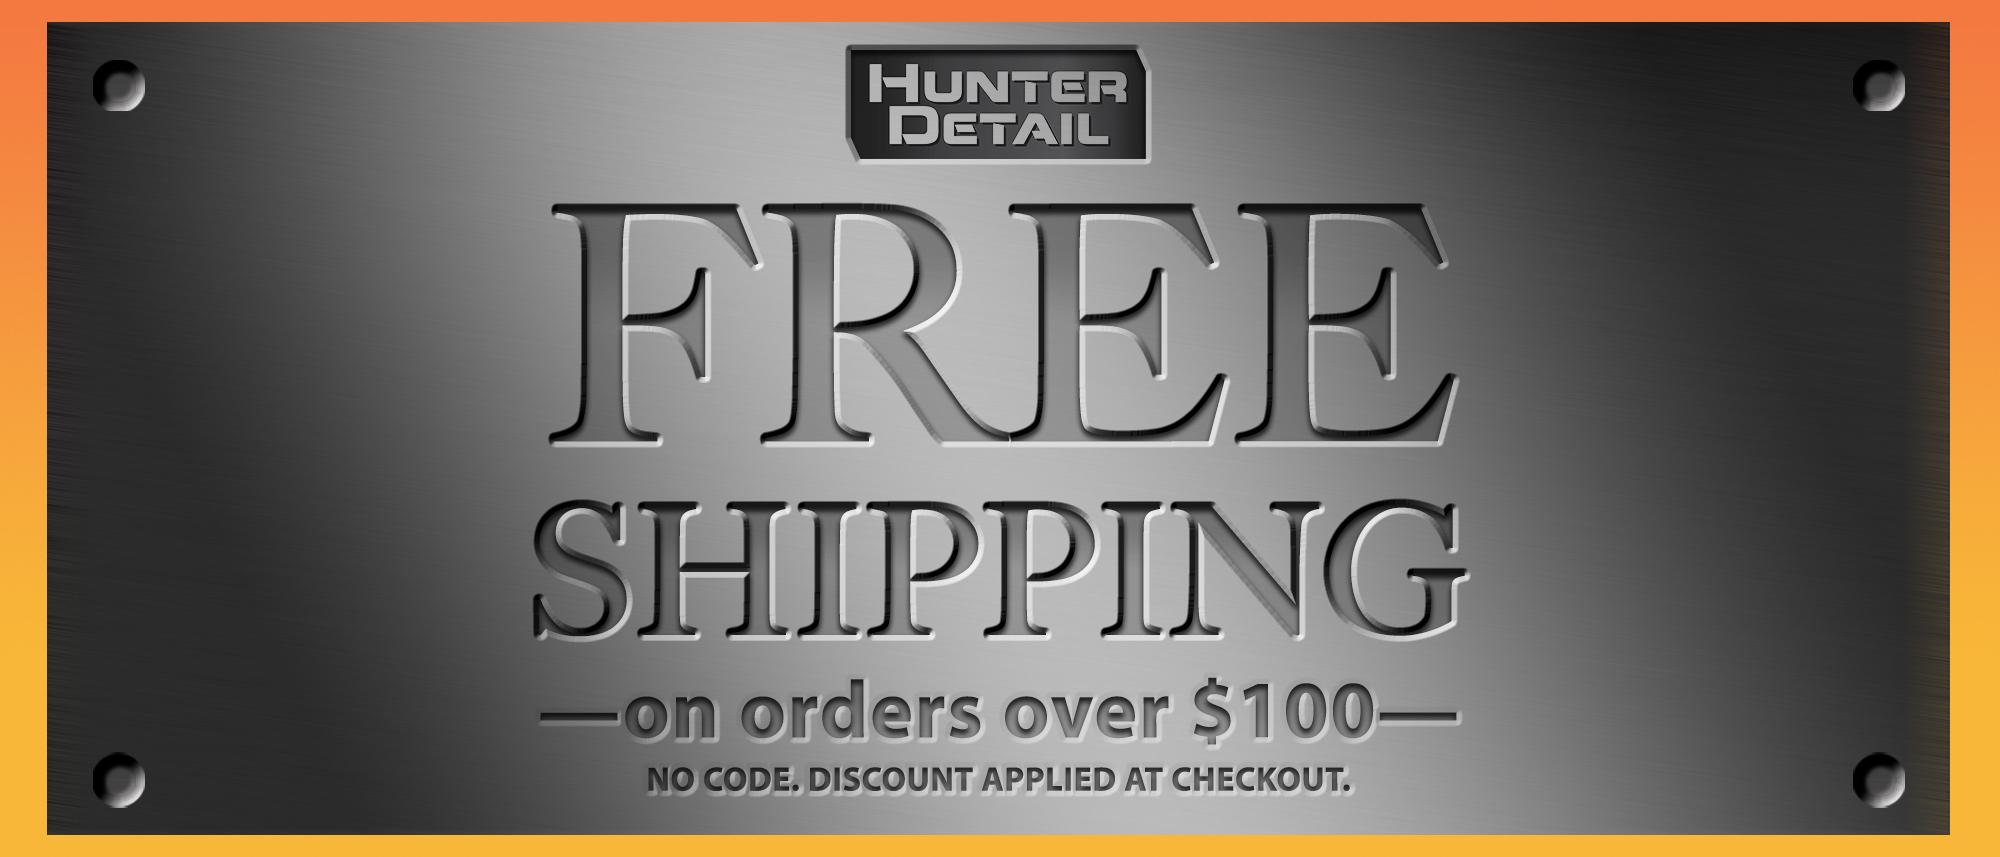 Hunter Detail Free Shipping